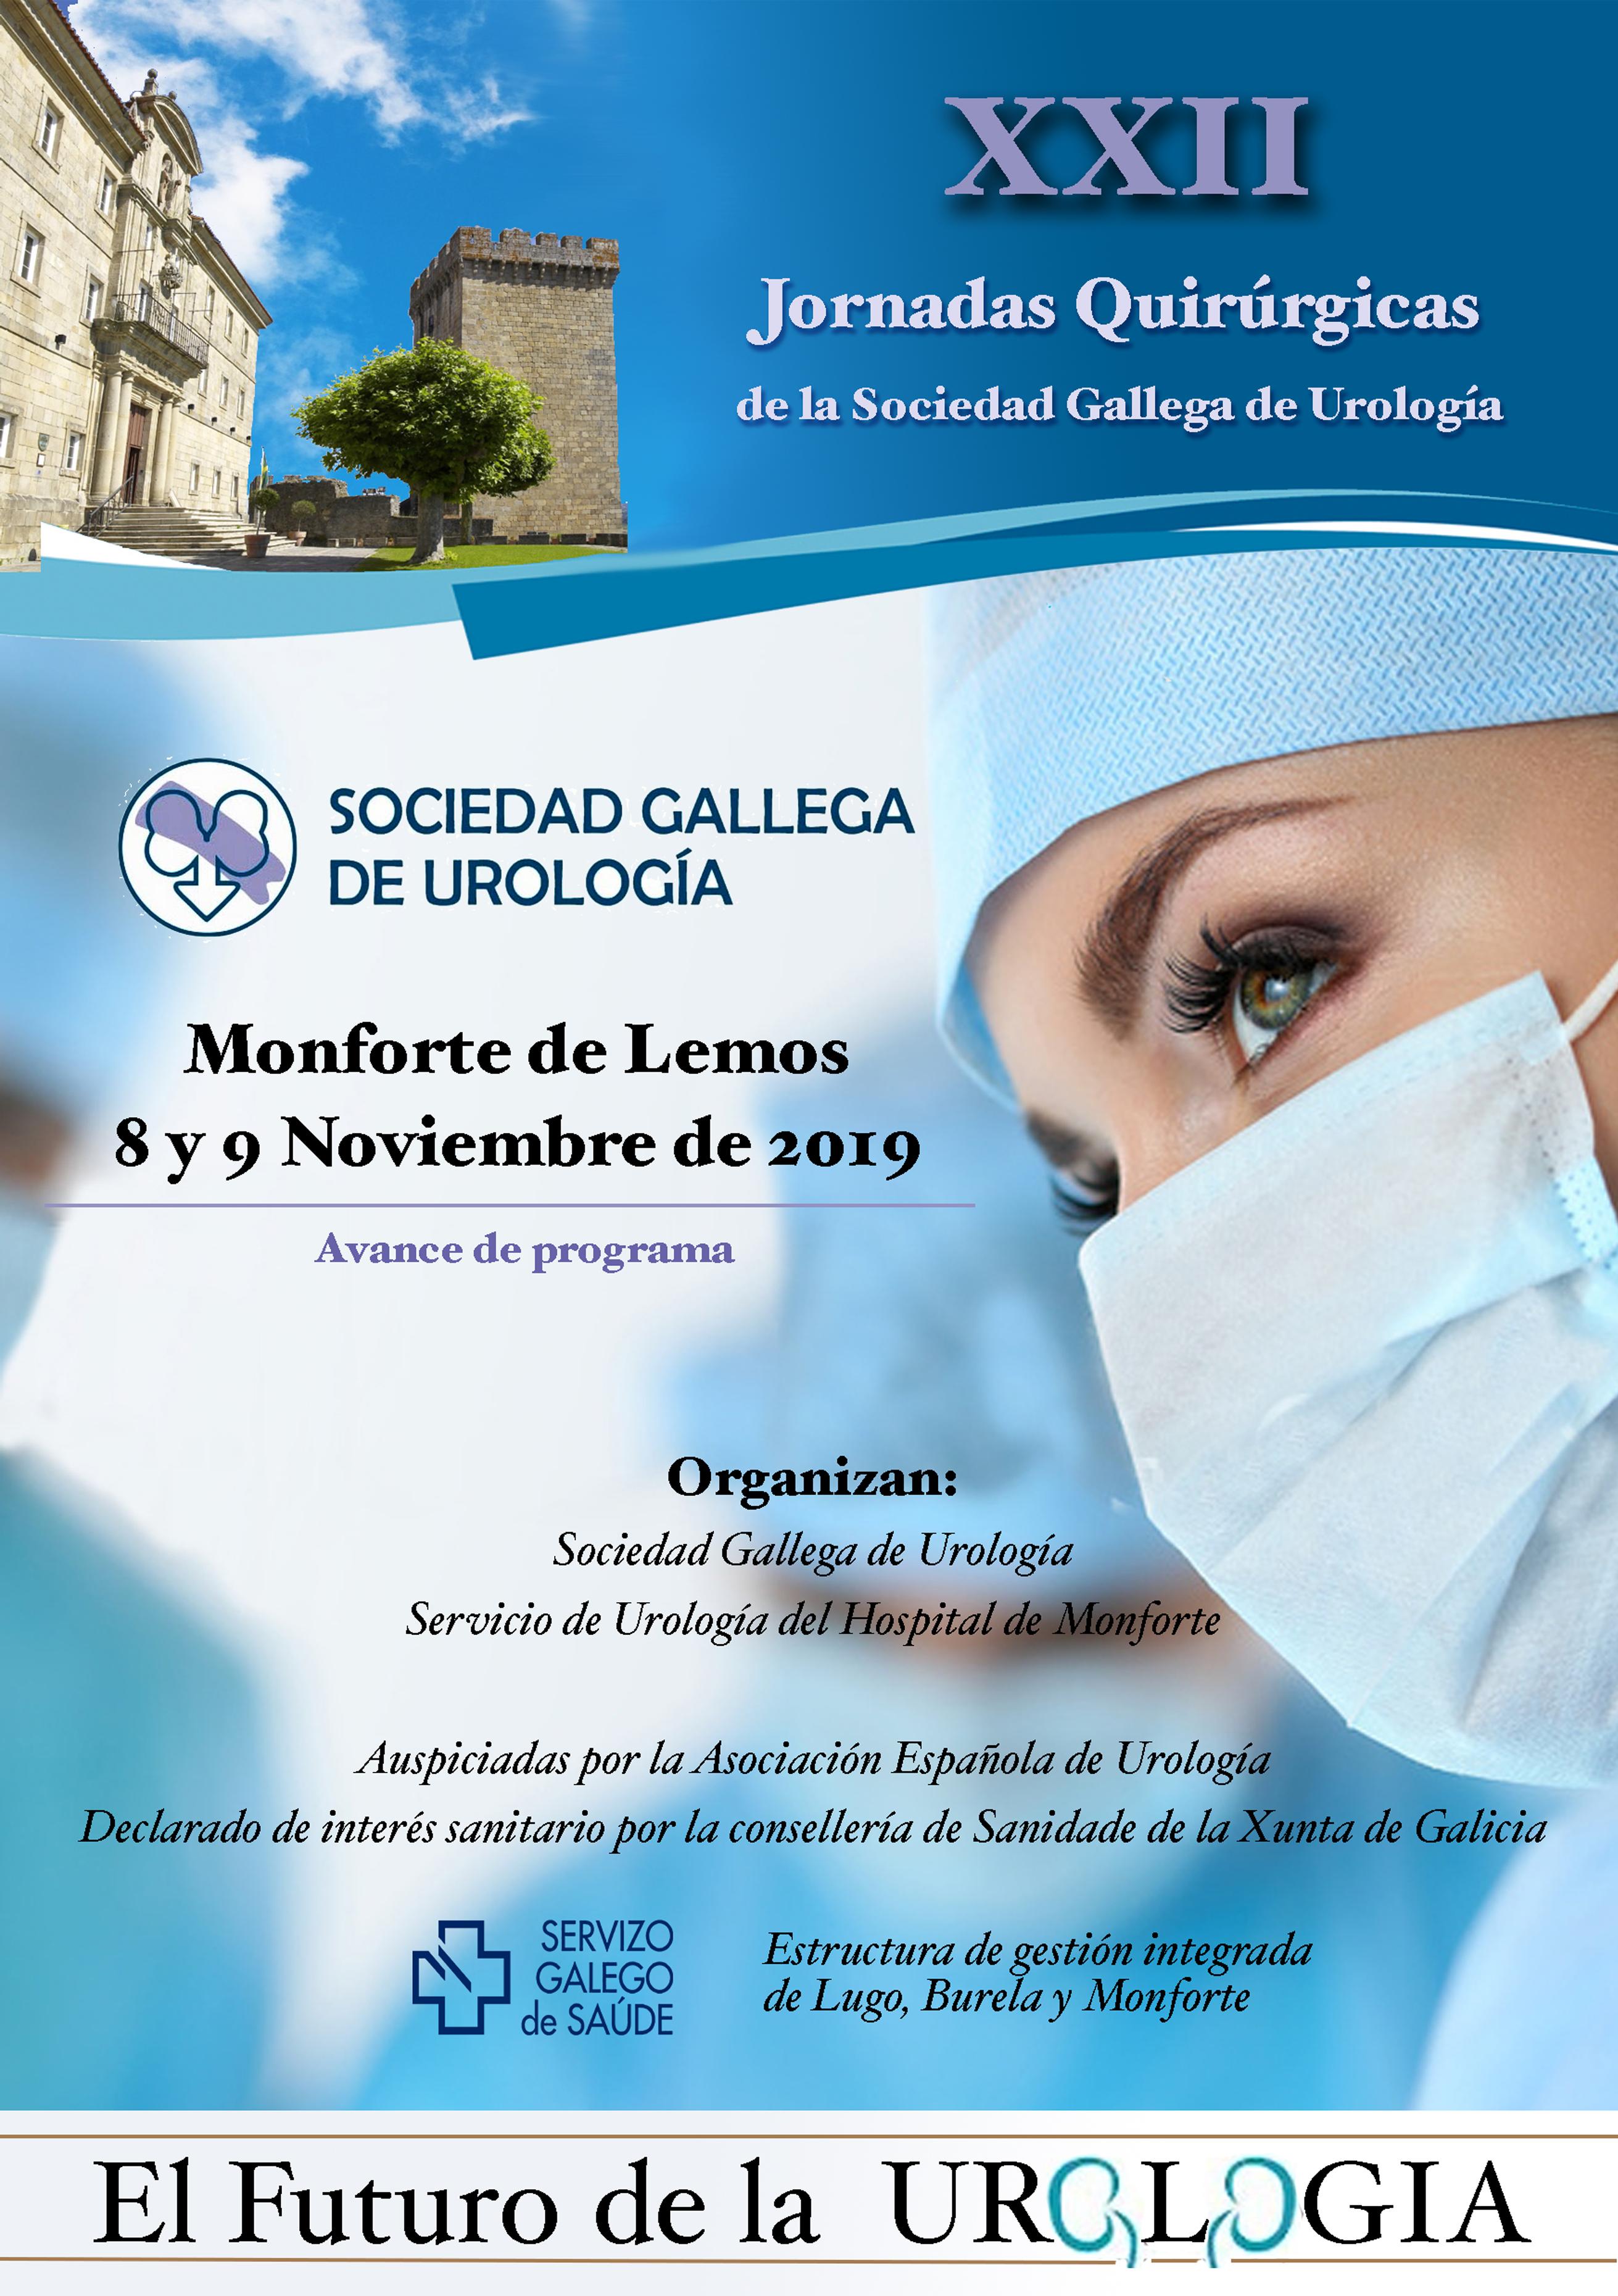 XXII Jornadas Quirúrgicas de la Sociedad Gallega de Urología